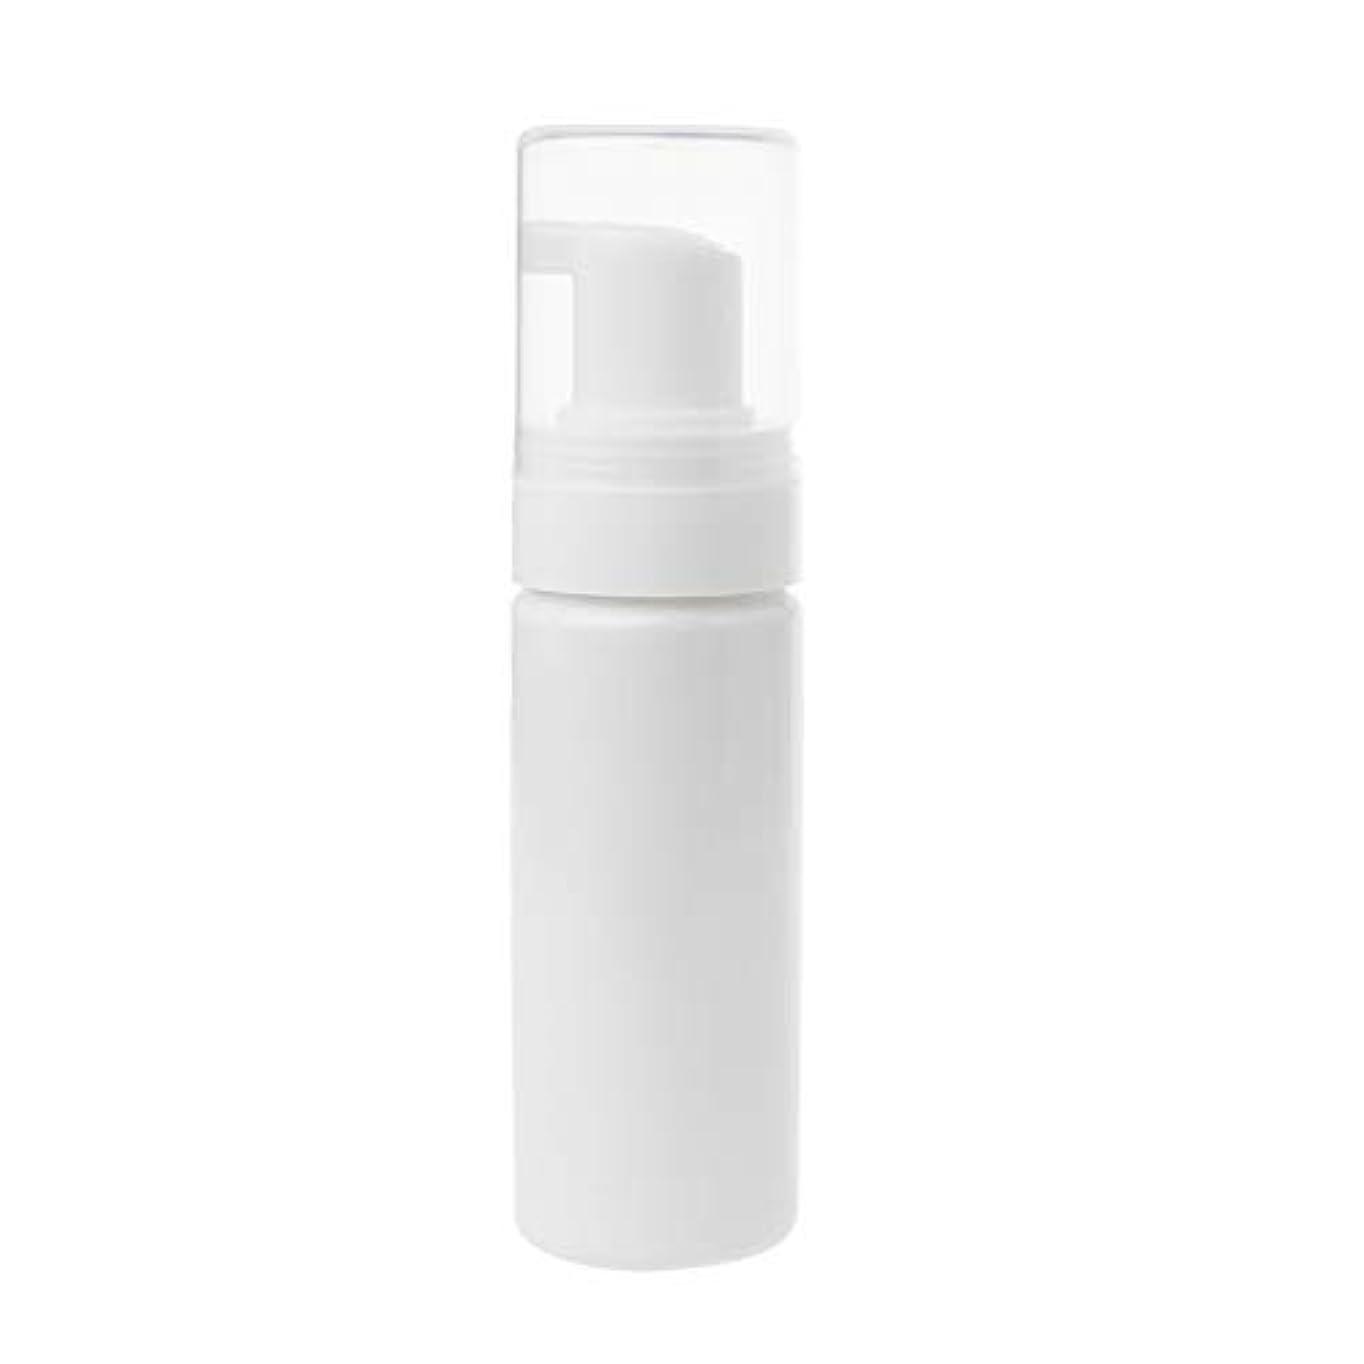 崩壊無関心放散するTOOGOO 1個50ml キャップ付き発泡ボトル泡ポンプせっけんムース液体ディスペンサー泡ボトルプラスチックシャンプーローションボトル(ホワイト)